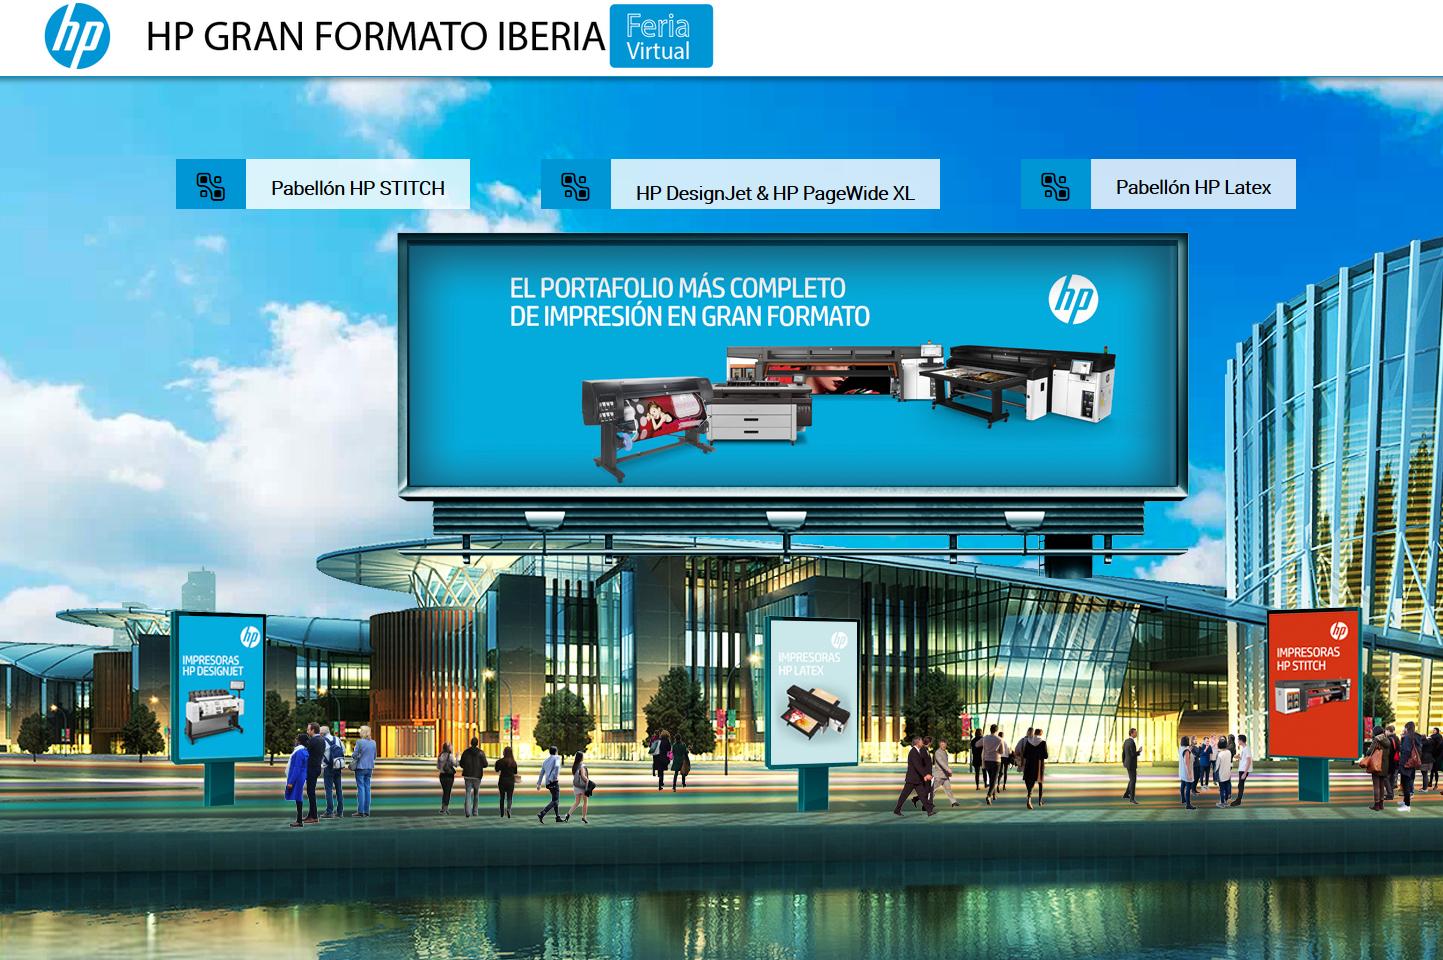 Мираж Груп ви кани на виртуално изложение